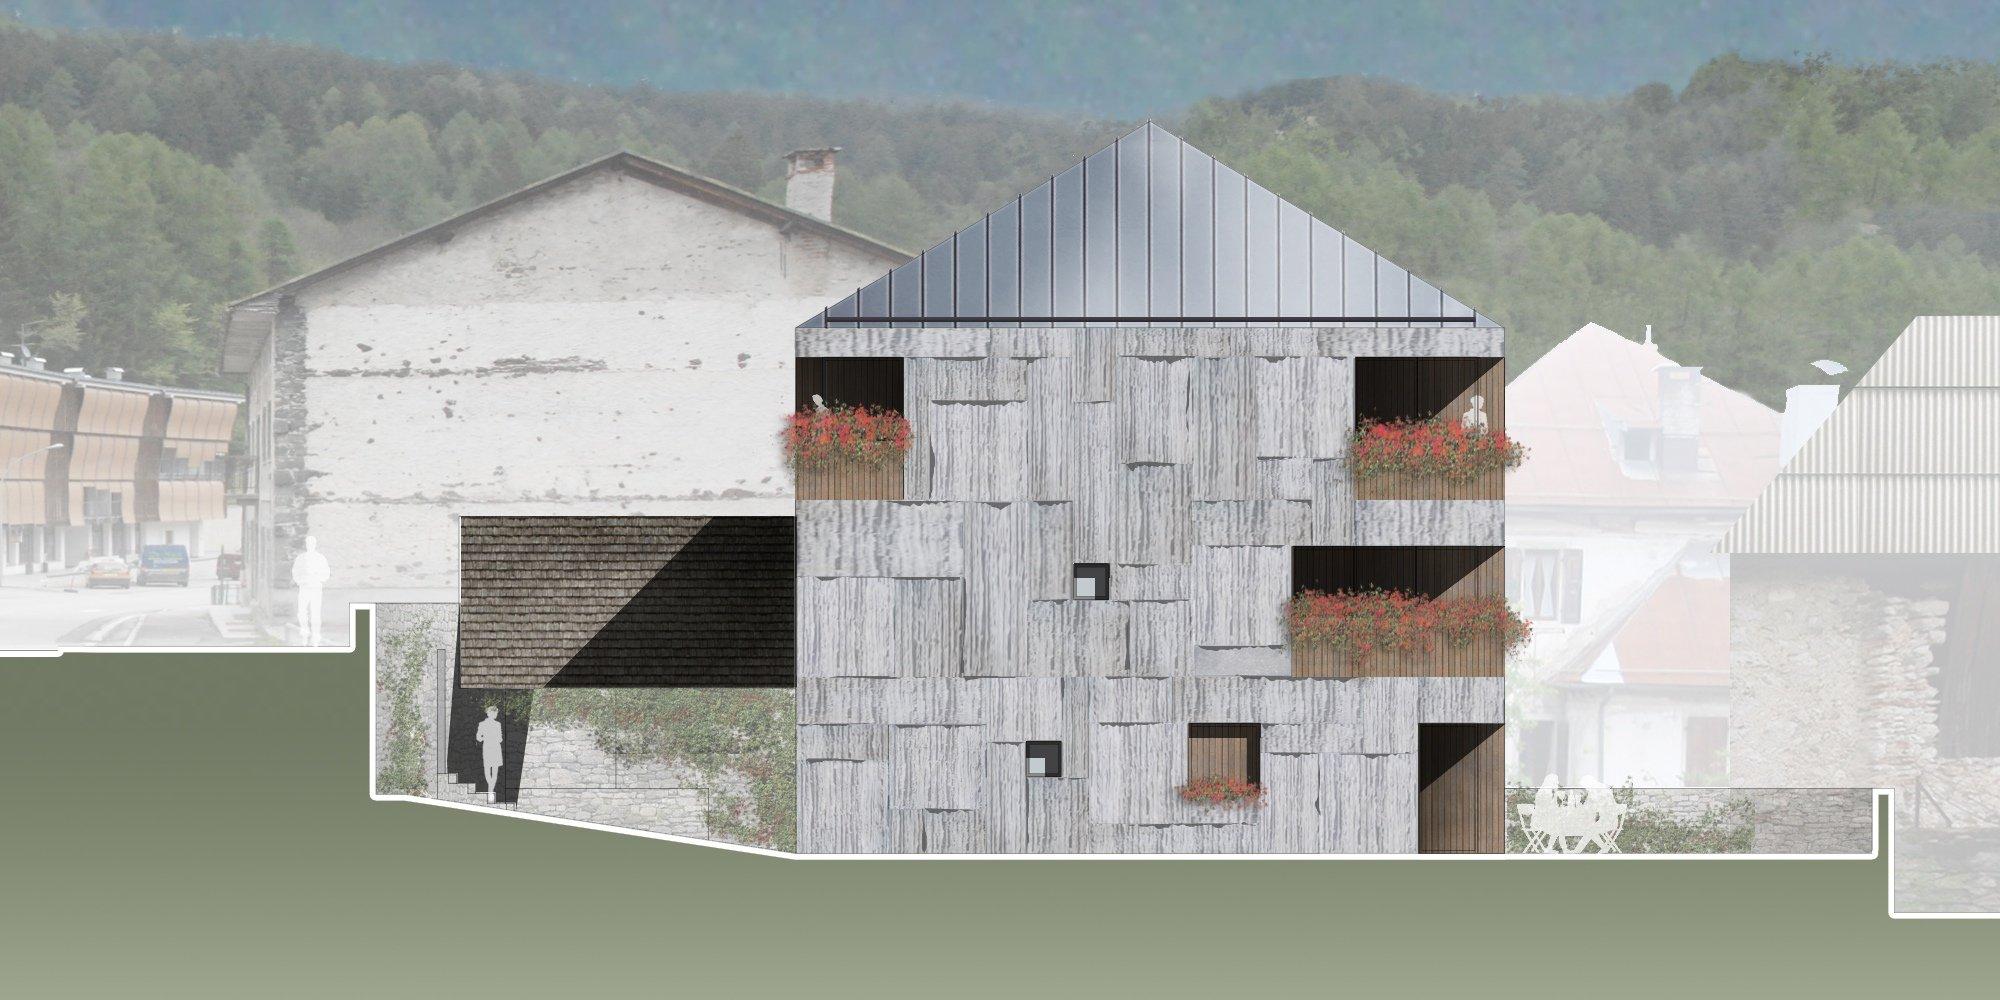 Dettagli dell'edificio residenziale / Residential building detail